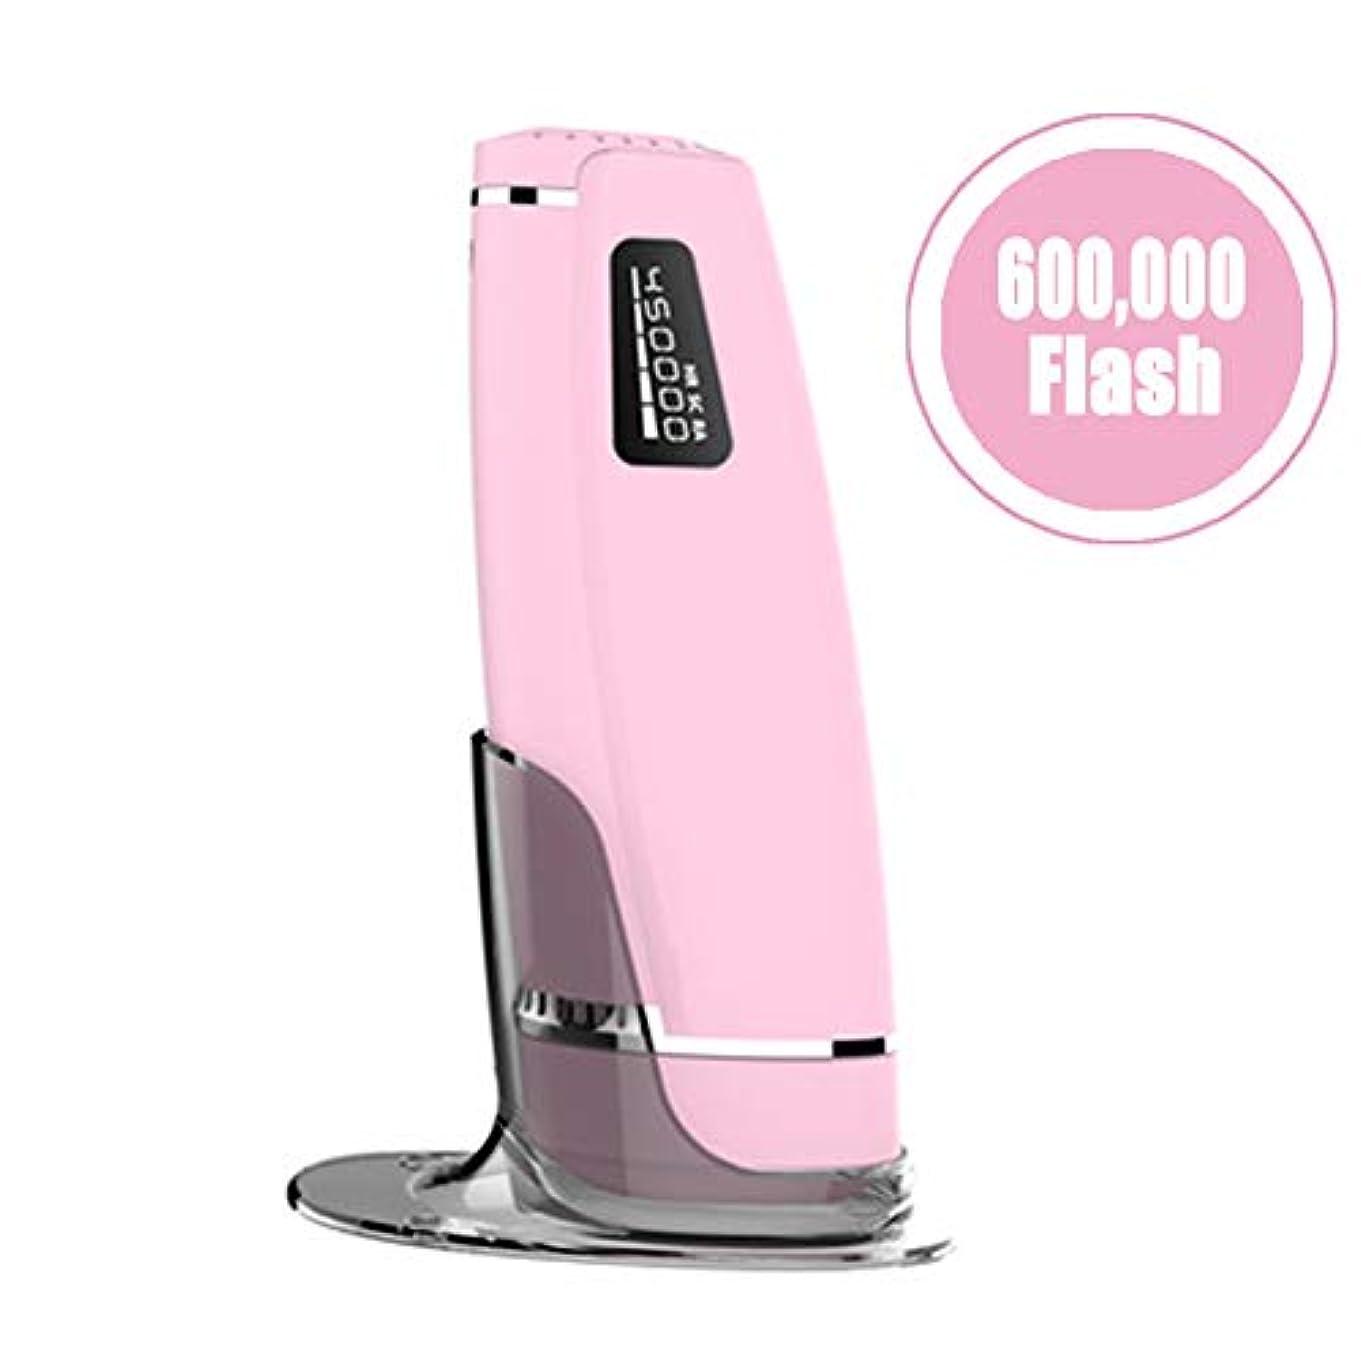 フレキシブルグッゲンハイム美術館感謝アップグレードIPLレーザー脱毛システムデバイス、60万回のフラッシュ無痛常設パルス光脱毛器にとってボディフェイス脇の下ビキニライン,Pink